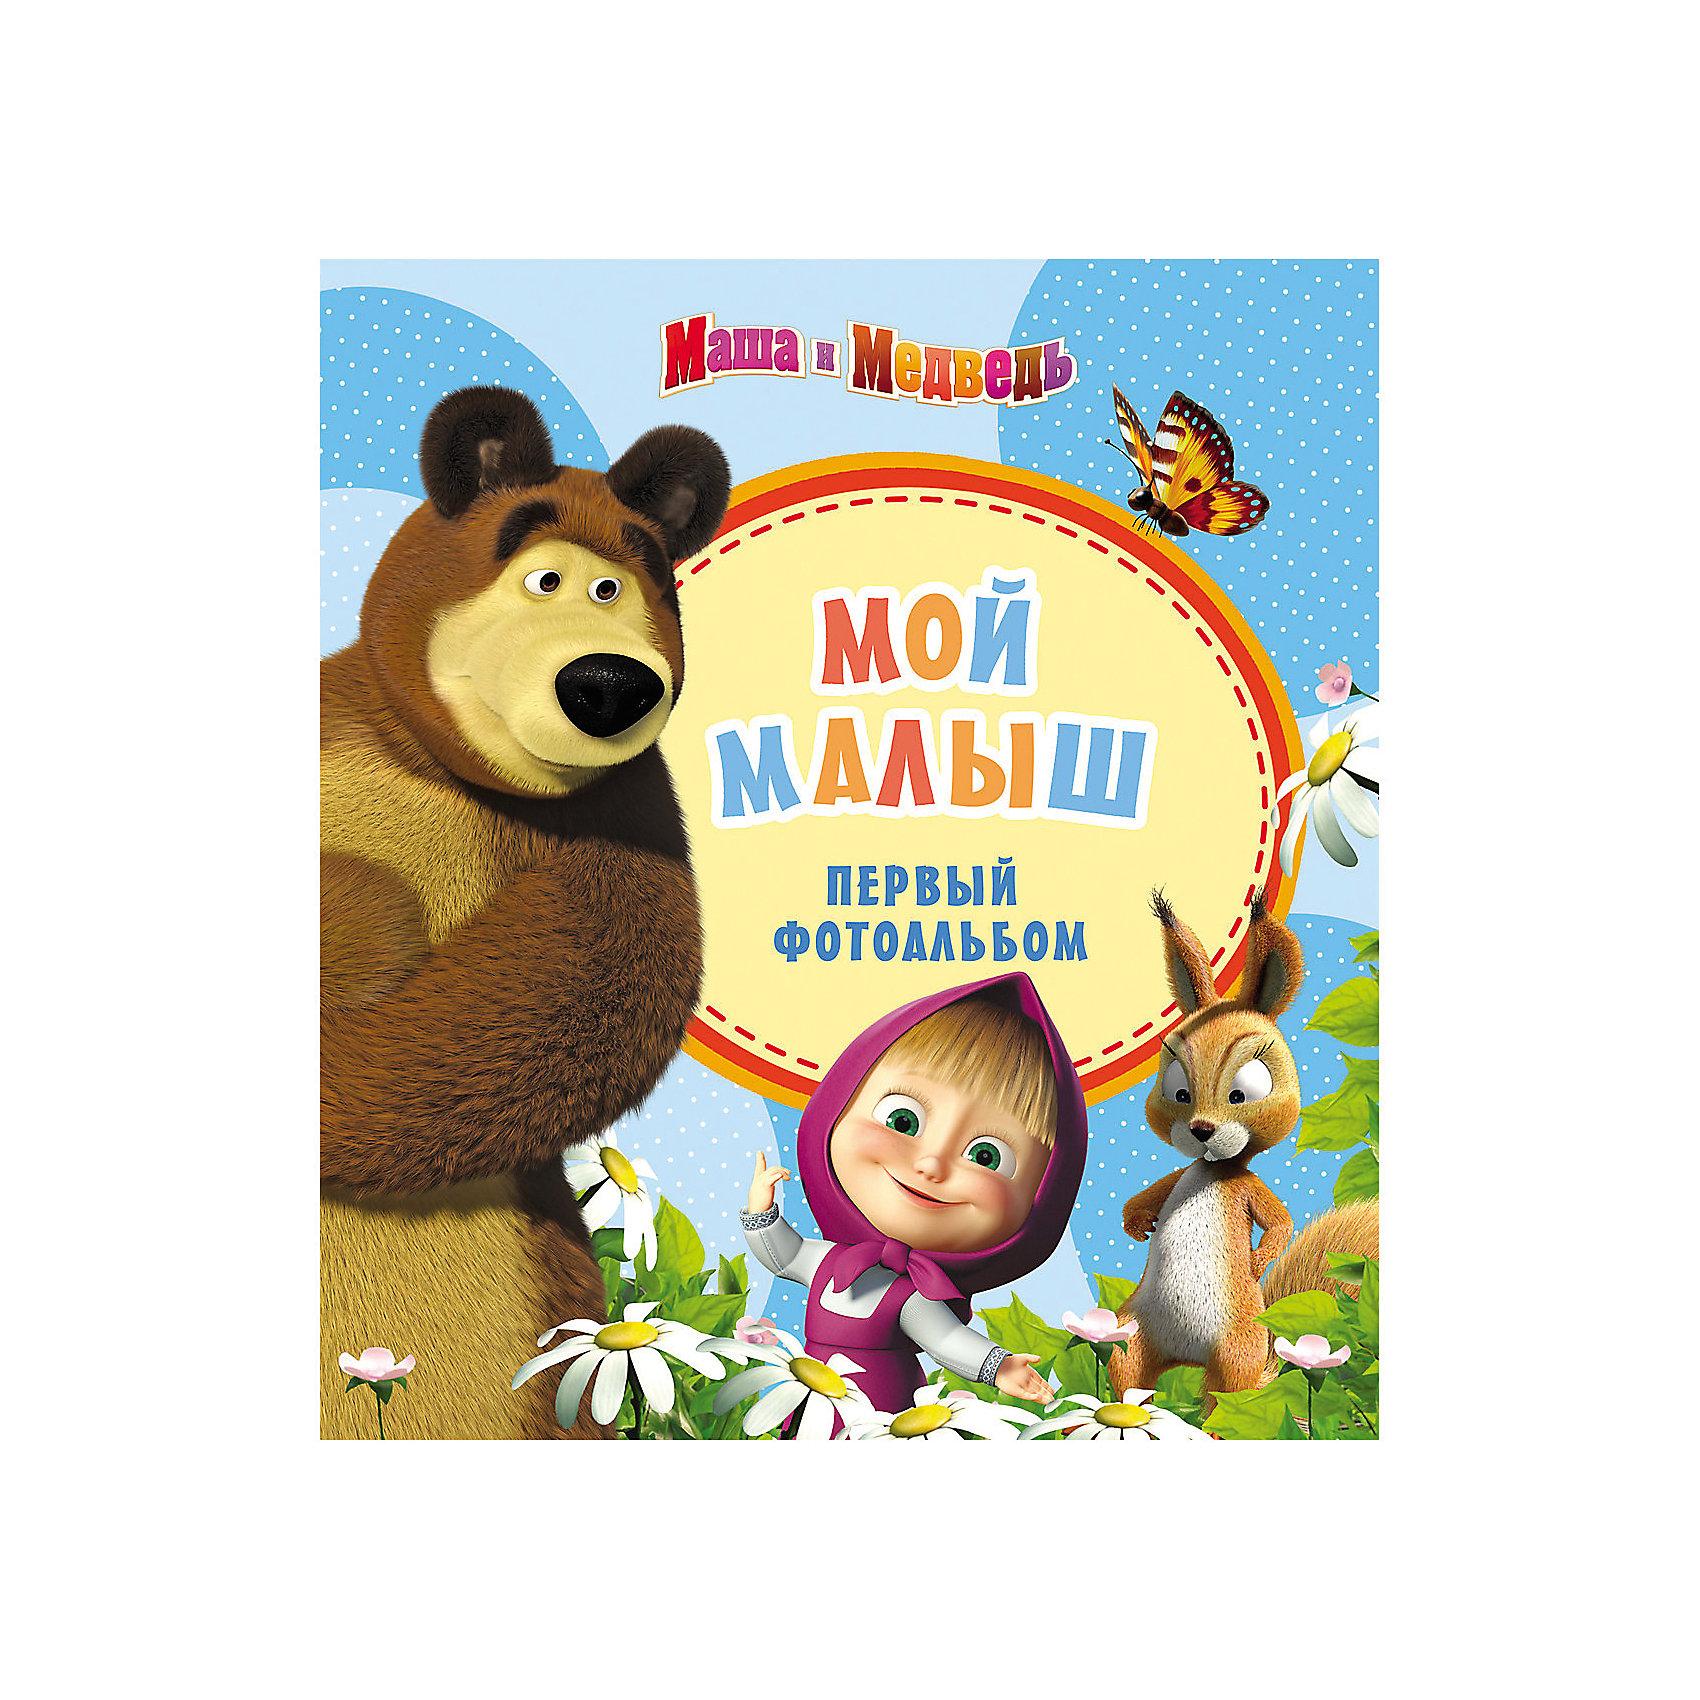 Росмэн Первый фотоальбом Мой малыш, Маша и Медведь фотоальбомы и рамки росмэн фотоальбом мой первый год